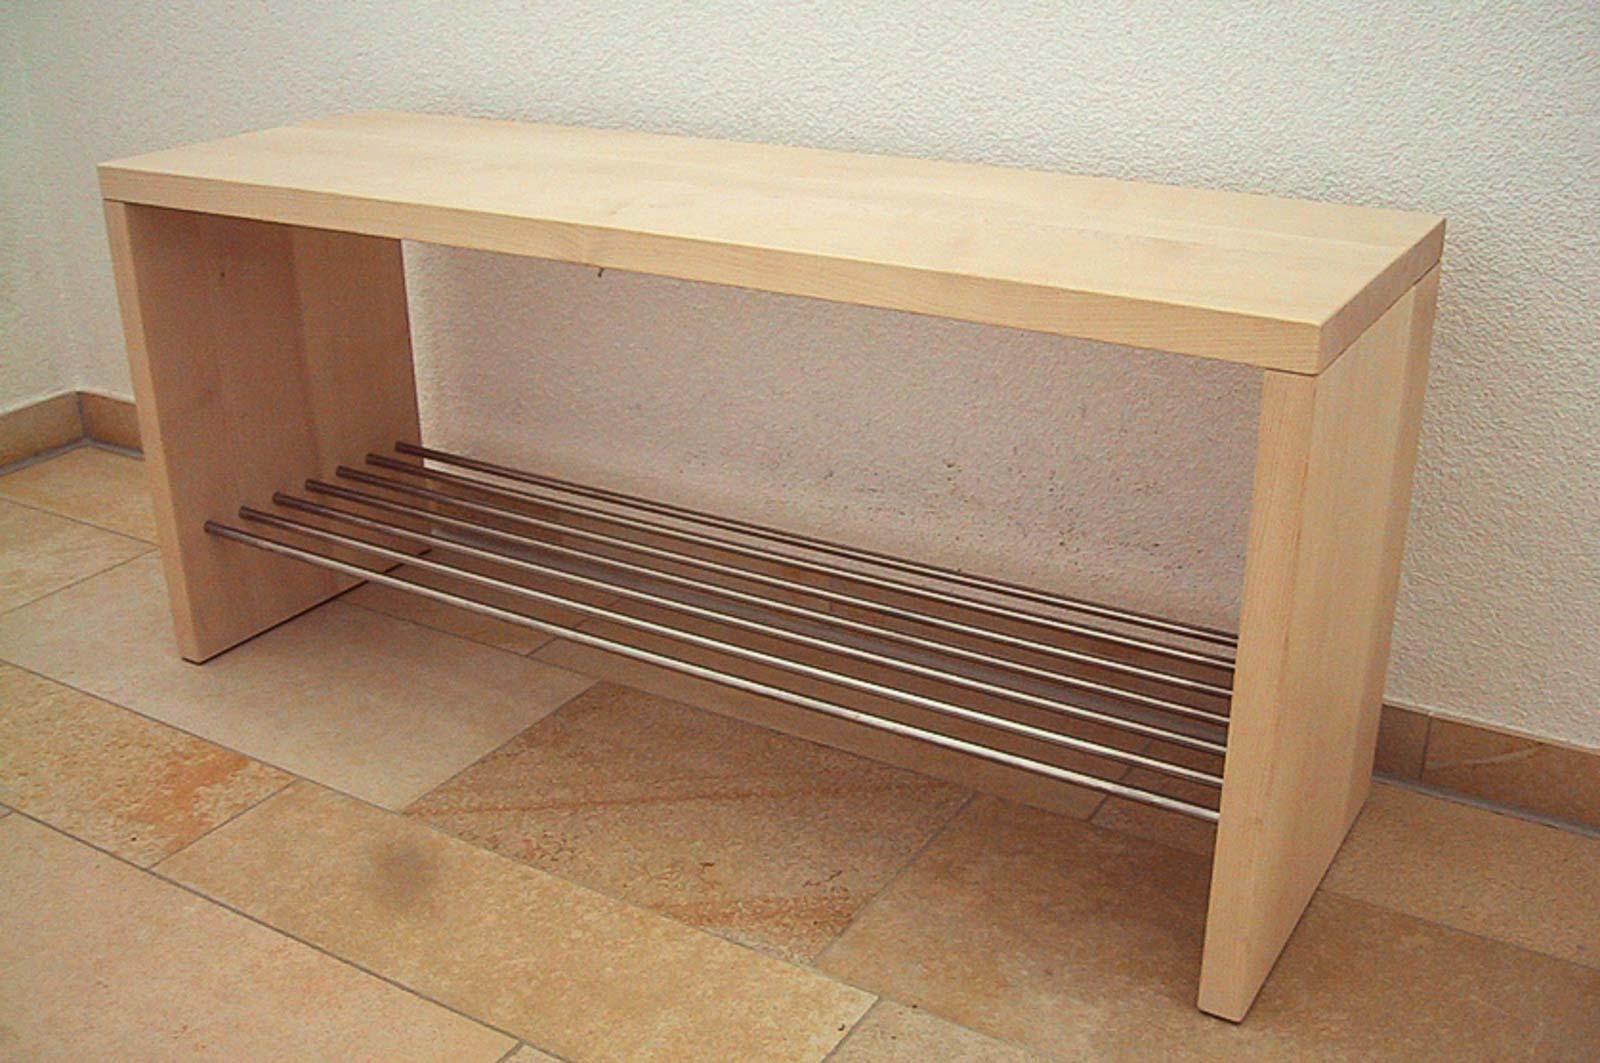 Wooddesign_Garderobe_Gästegarderobe_Sitzbank_Schuablage (2)